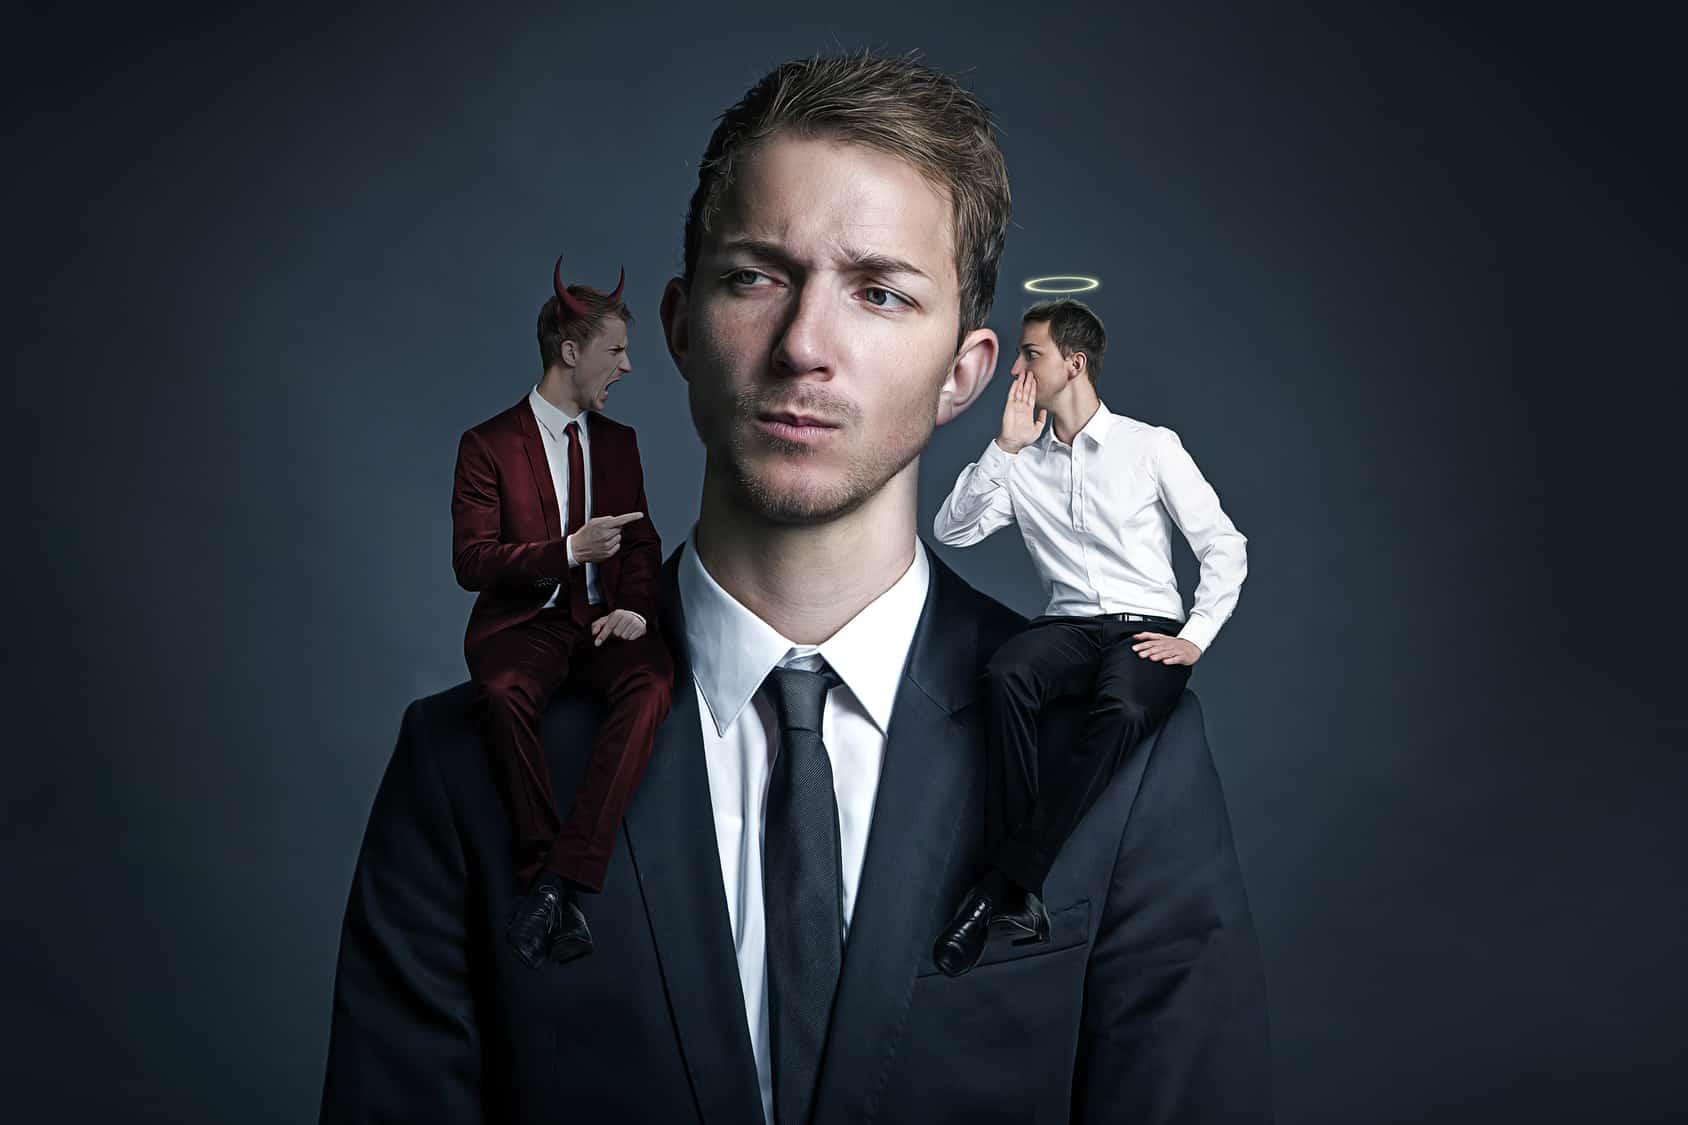 Leveraged ETF: Teufel und Engel sitzen auf den Schultern eines Mannes. Sie flüstern ihm positive und negative Argumente für einen Leveraged ETF ins Ohr.